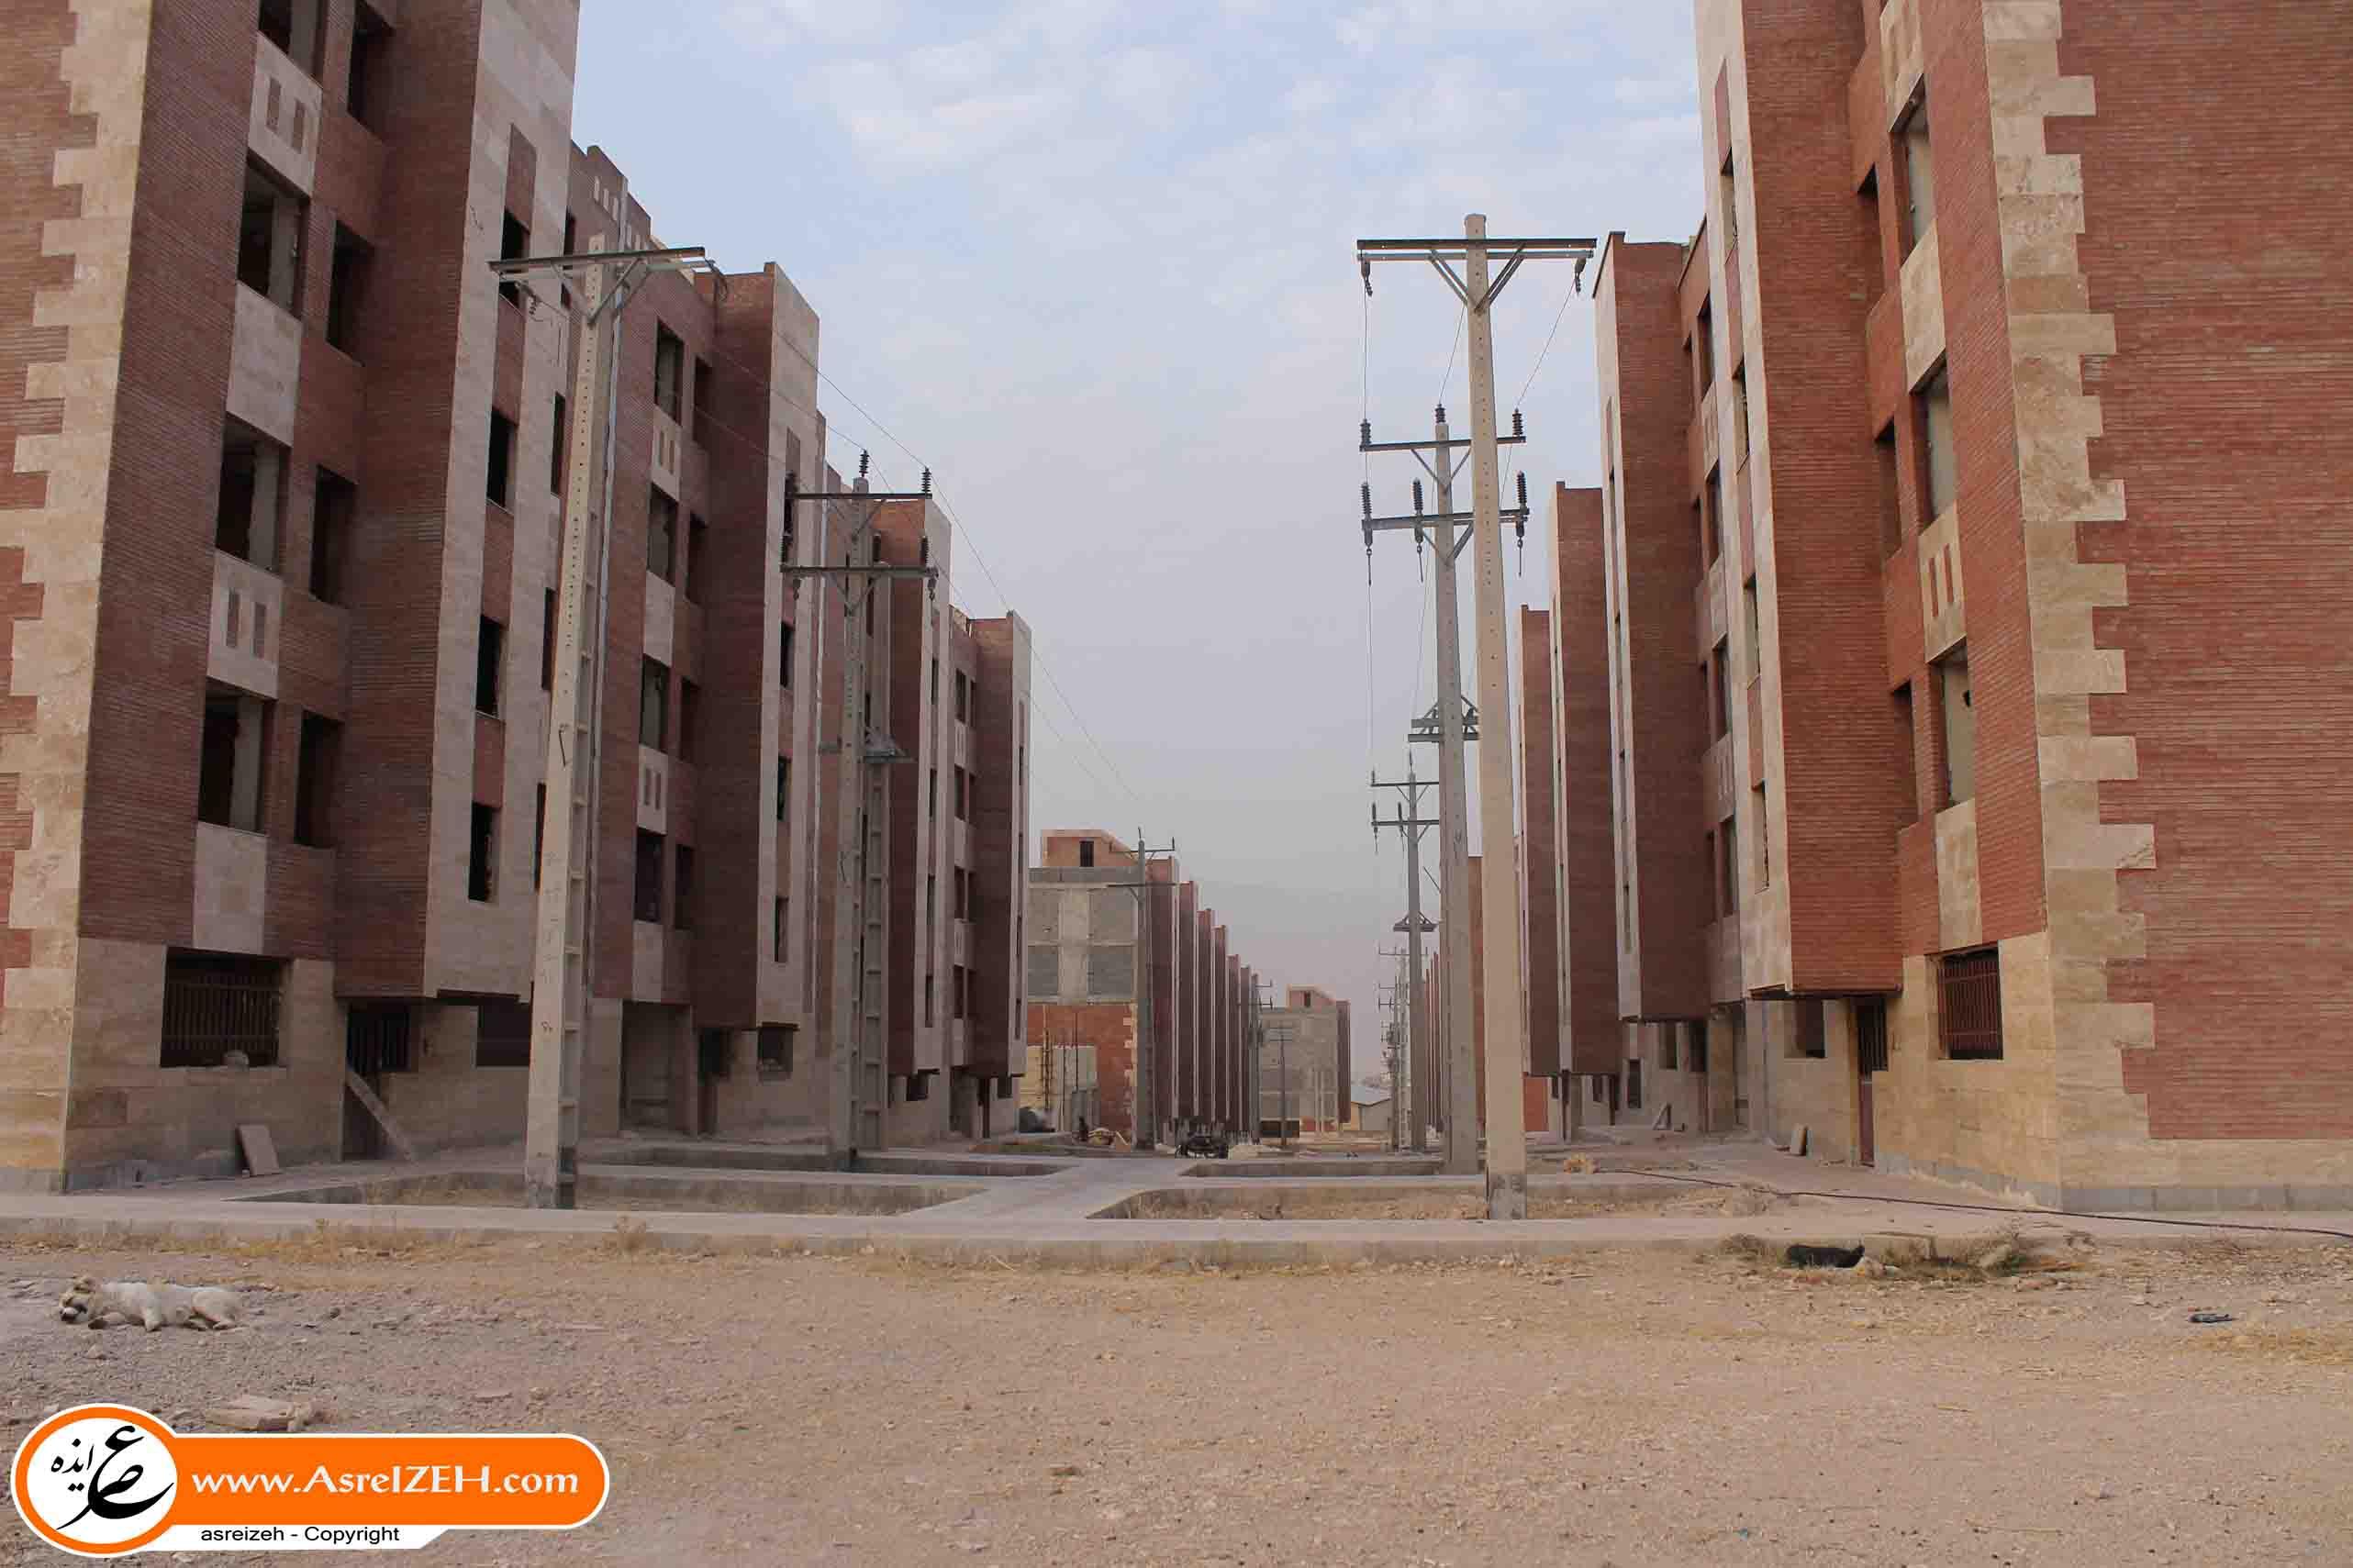 گزارش تصویری وضع اسفبار مسکن مهر نورآباد ایذه